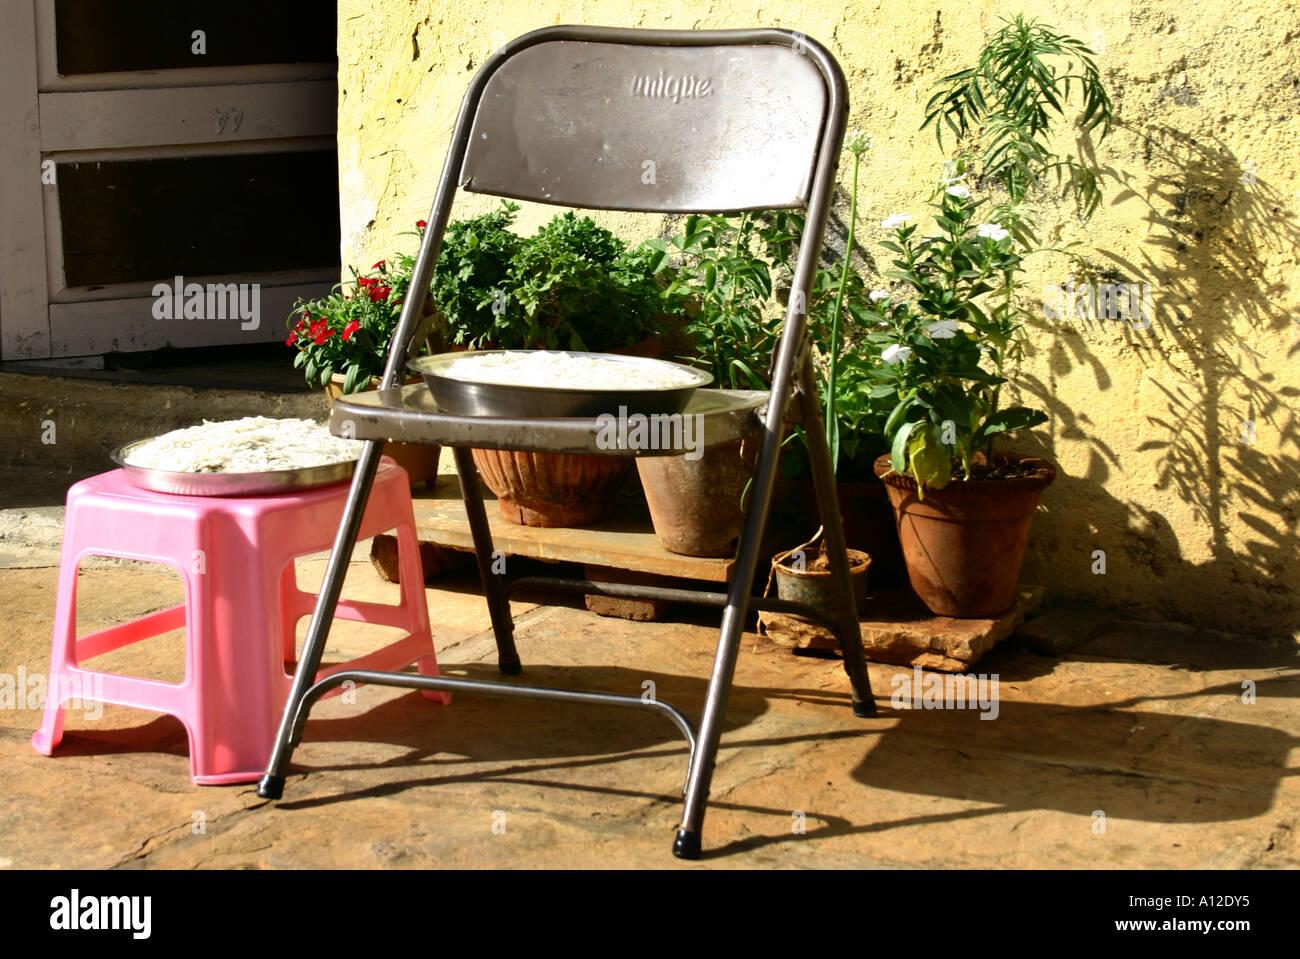 Le S Chage Des Grains75128 Rsc Sun Sur Acier Chaise Et Tabouret En